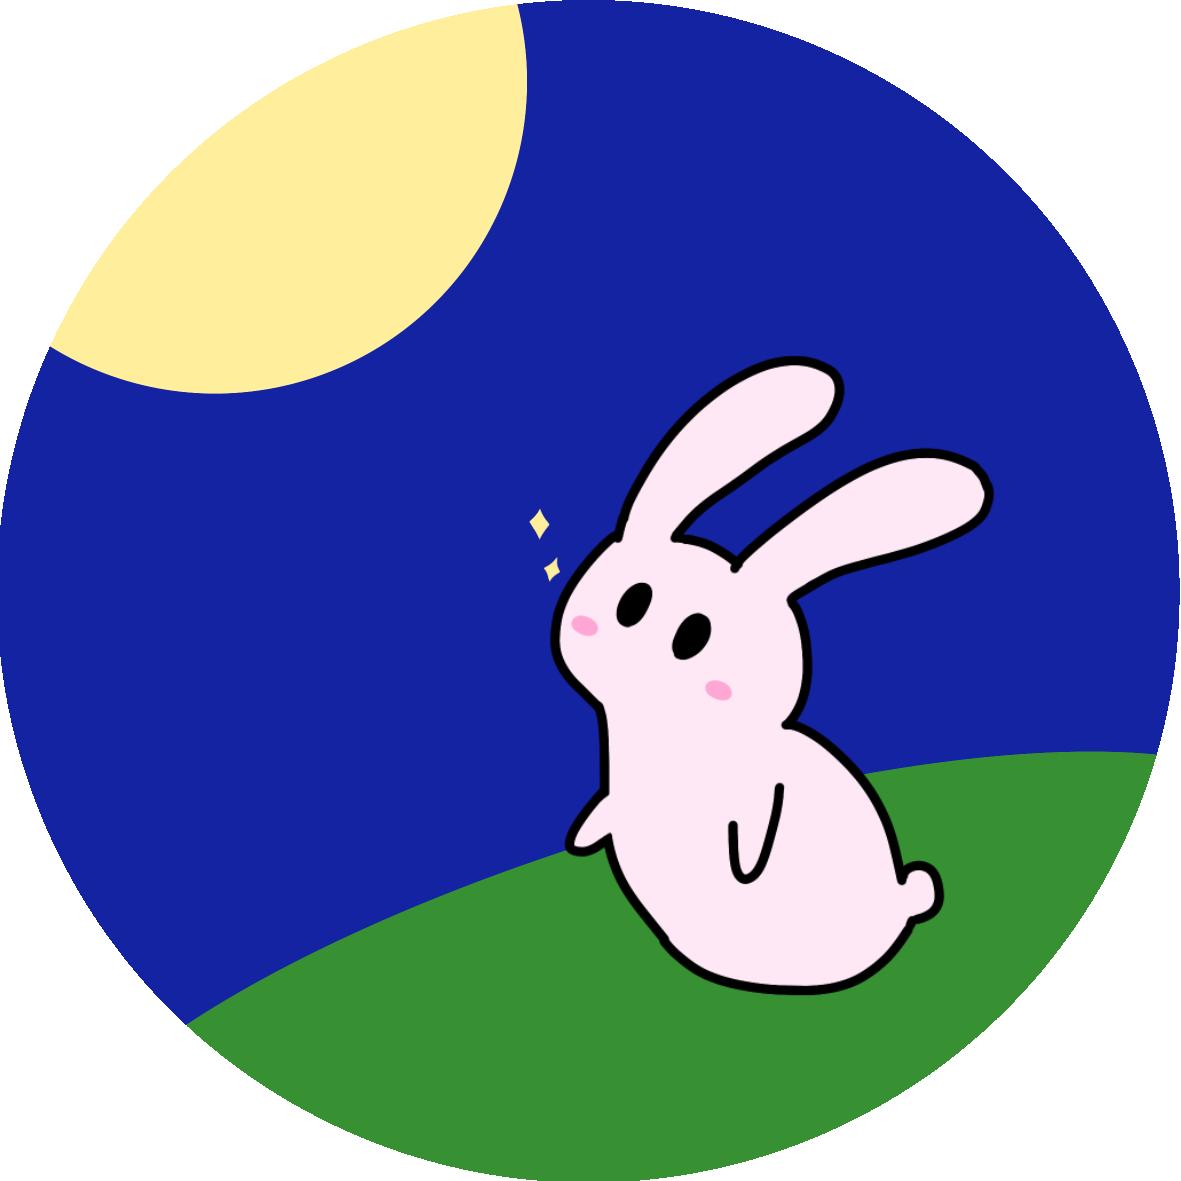 かわいい動物のアイコン描きます Twitterのアイコンなどに使える動物イラストお描きします イメージ1